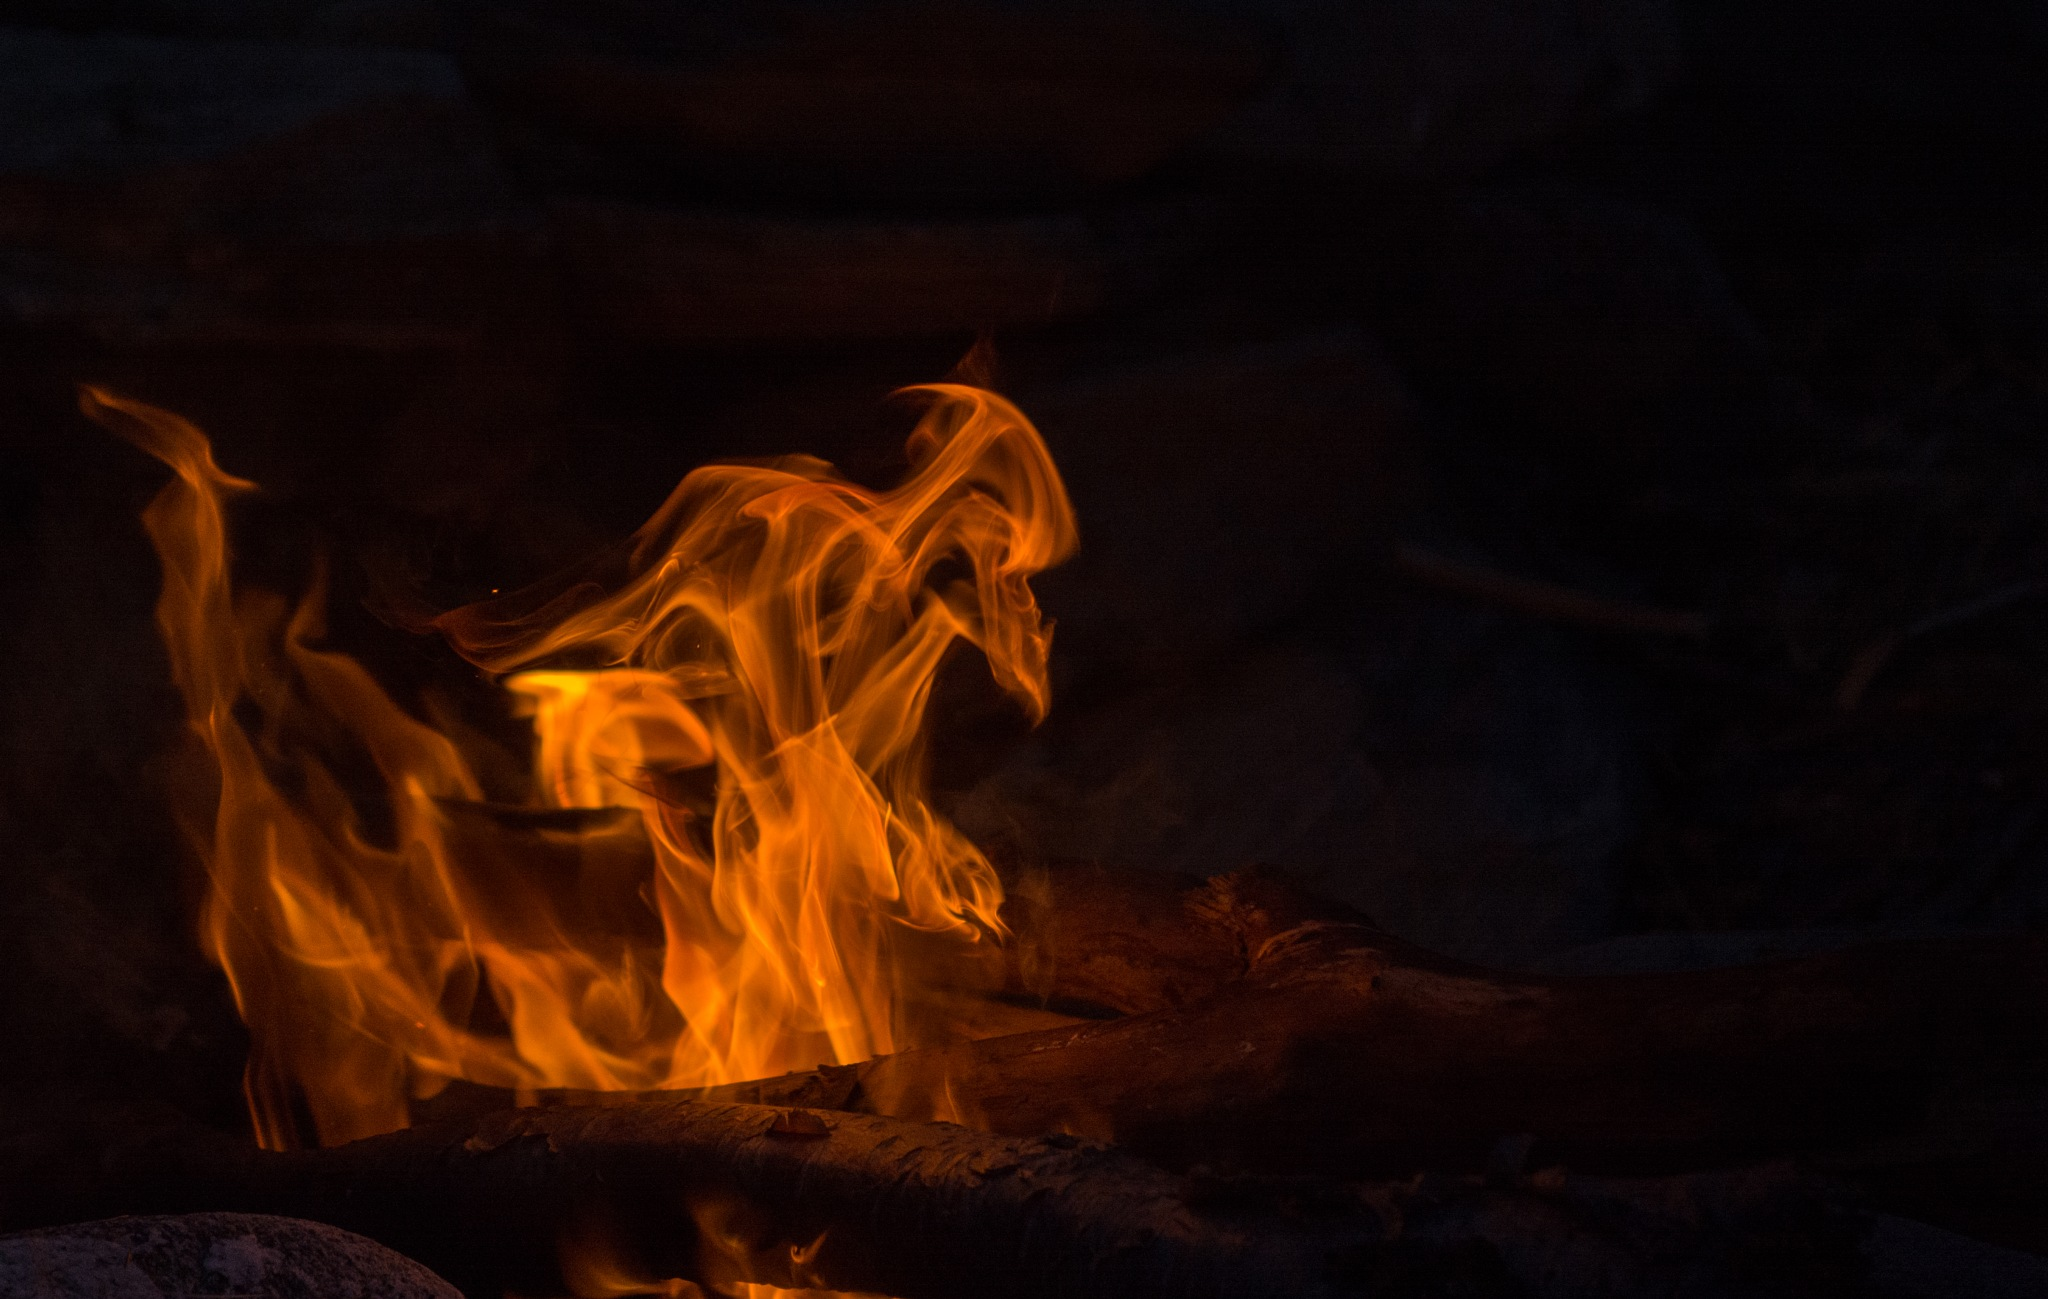 Fire by oddis